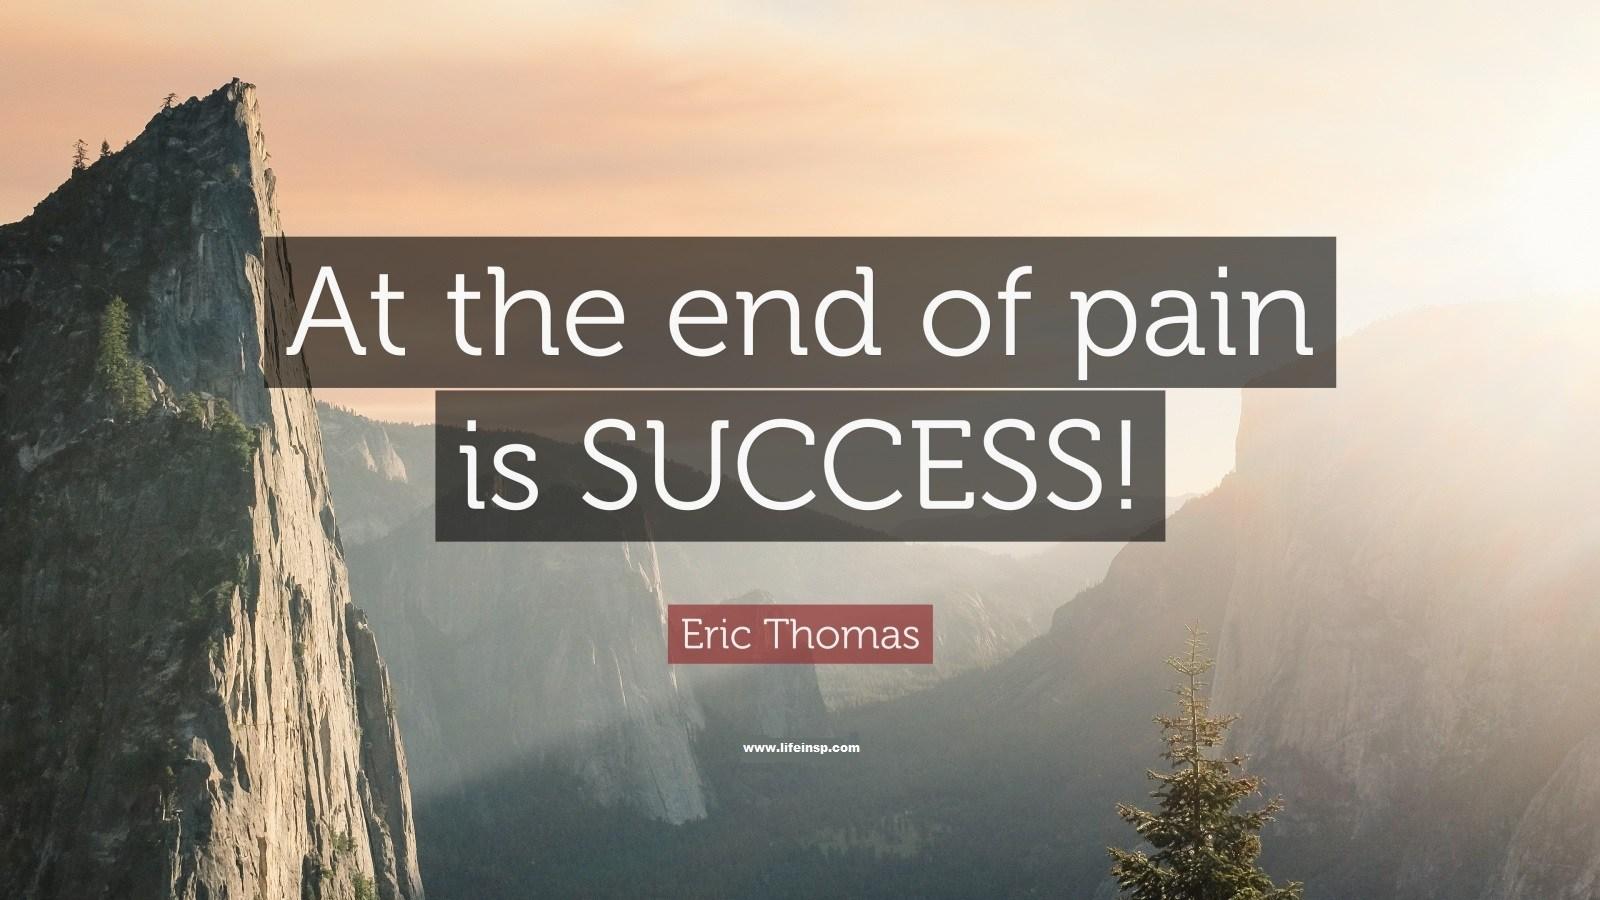 skausmo pabaigoje yra sekme